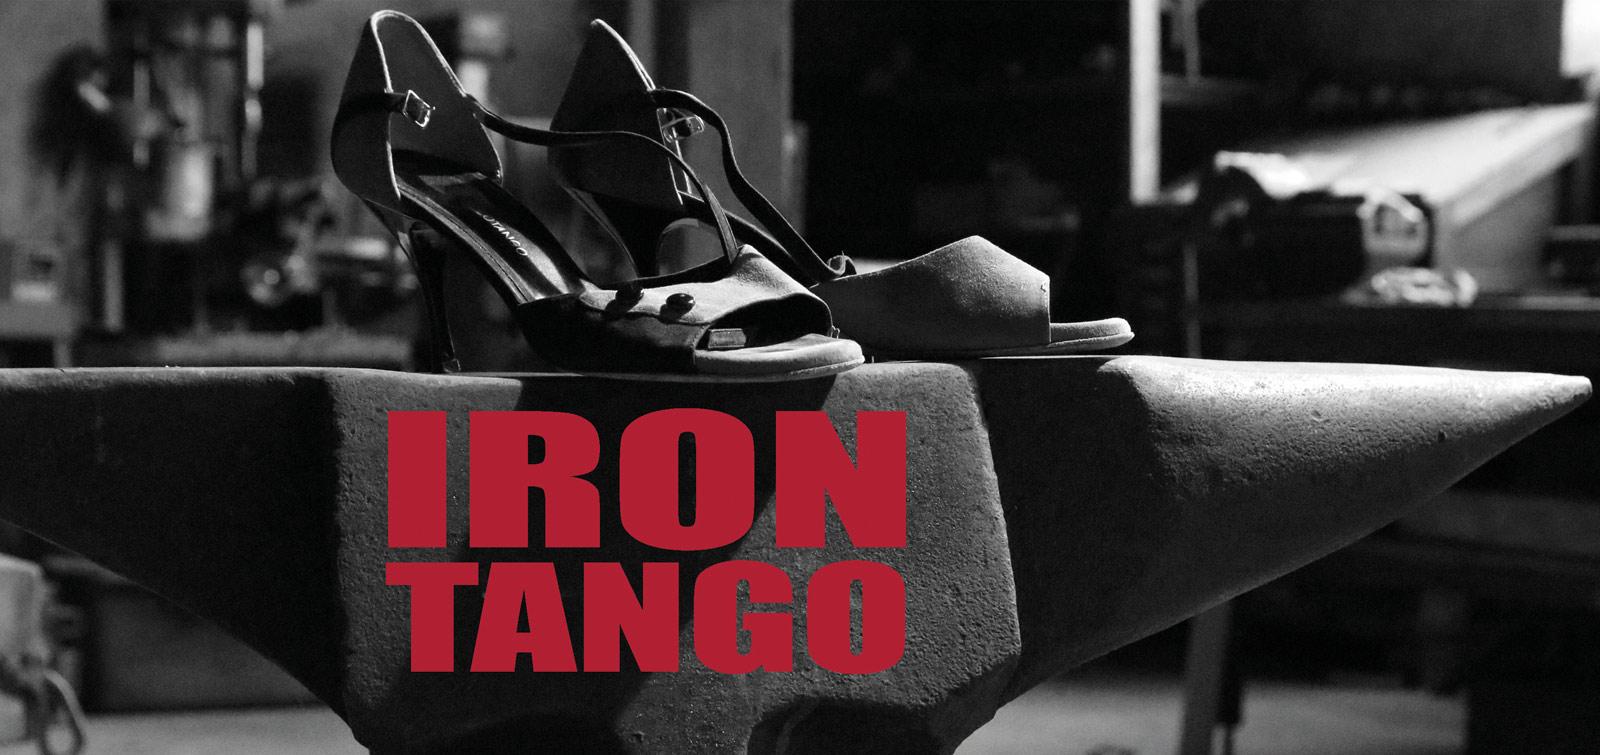 Iron Tango Marathon La academia Tango Dresden